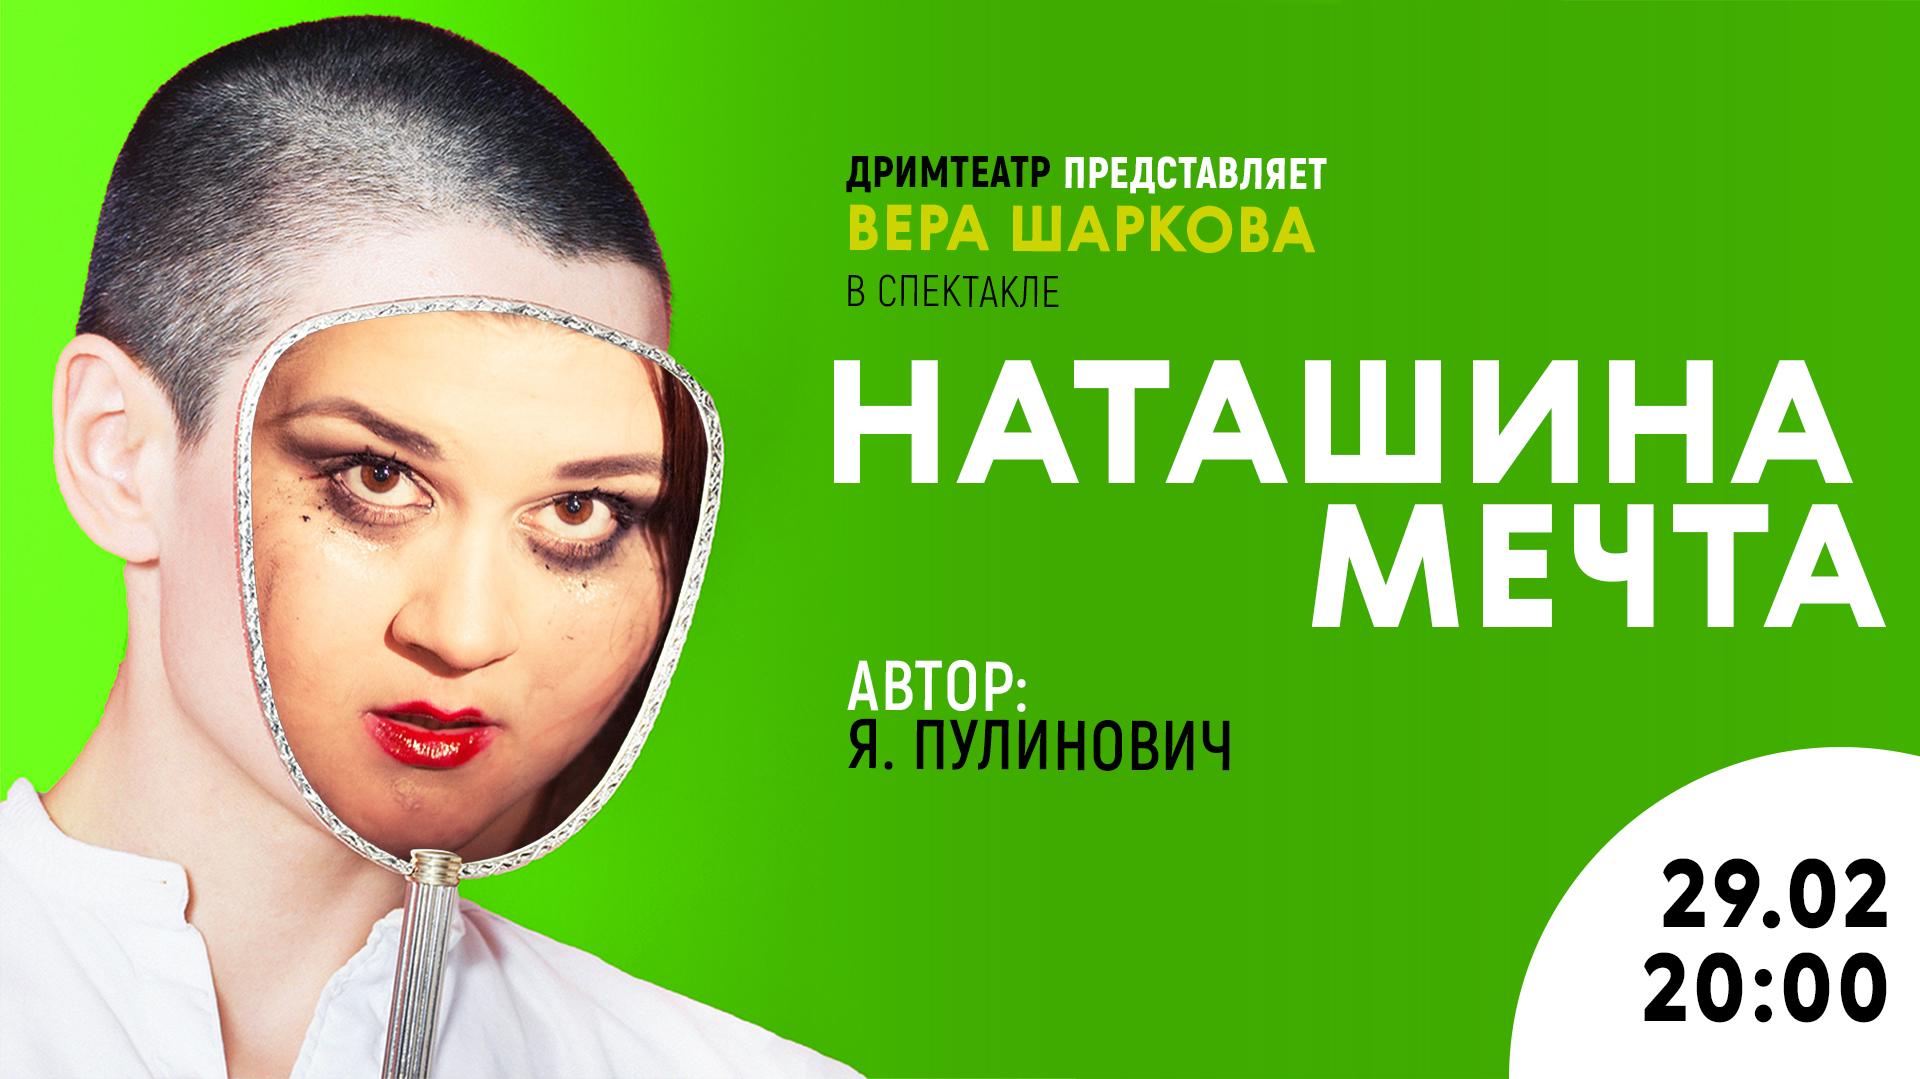 Наташина Мечта Дримтеатр